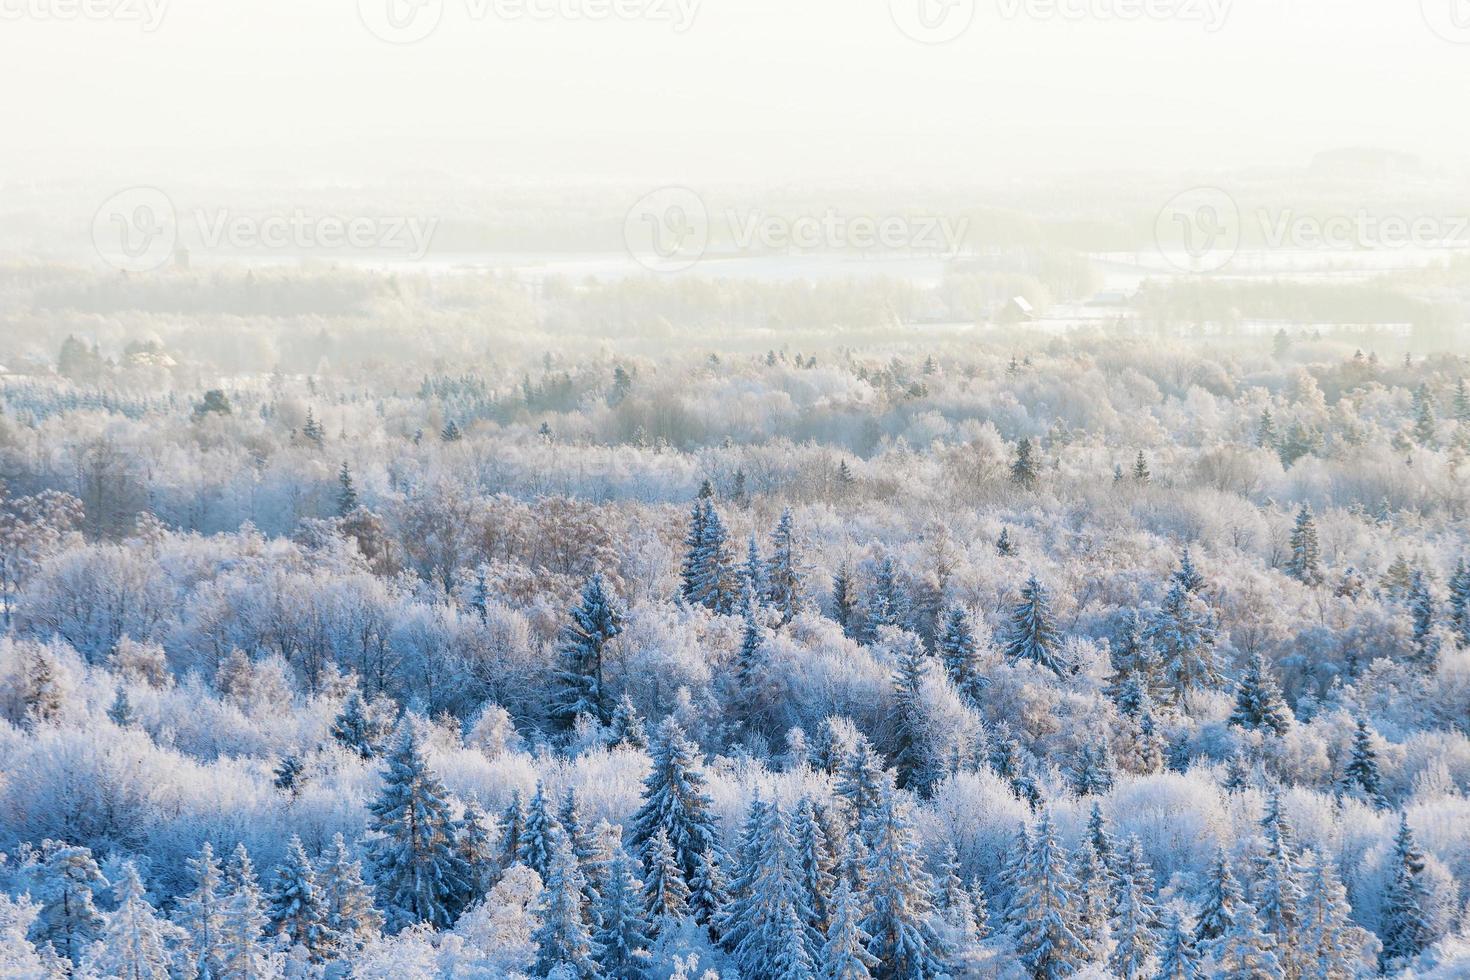 Blick auf den Winterwald foto